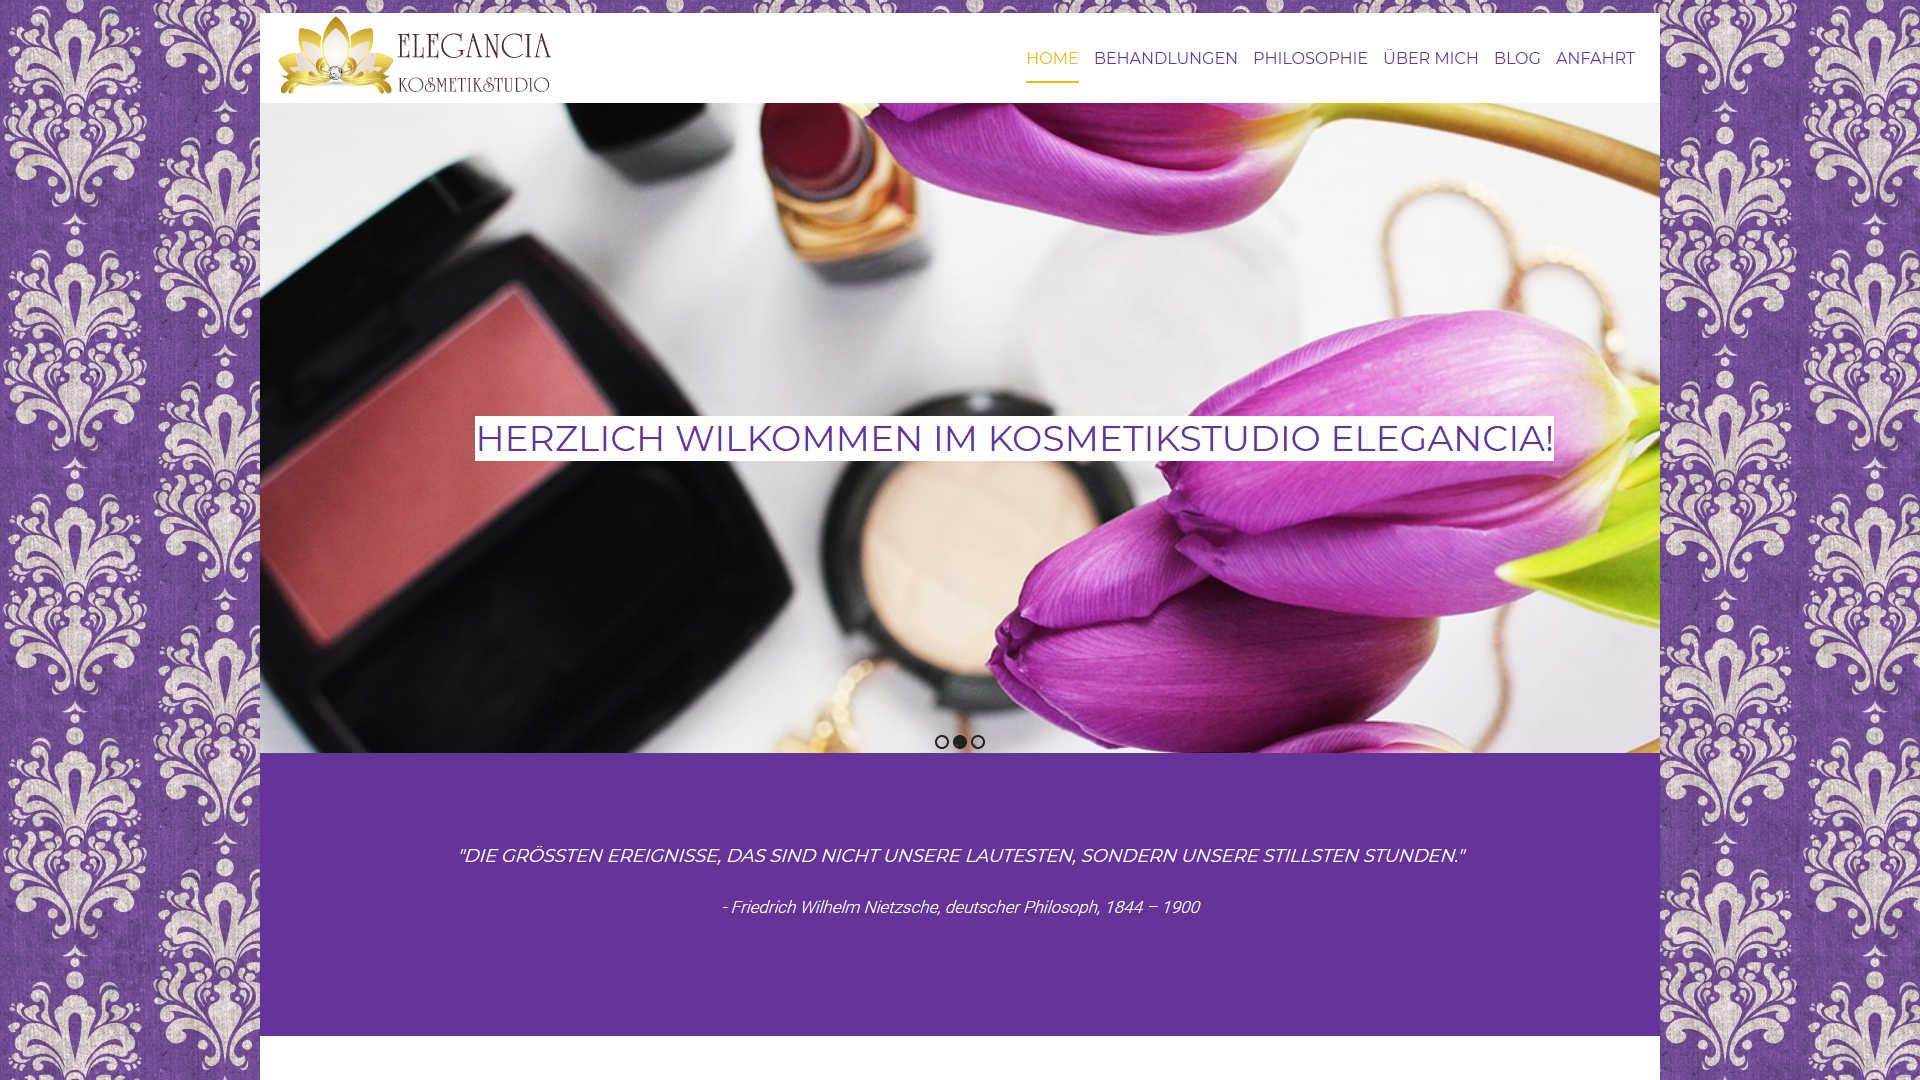 Kosmetikstudio Elegancia